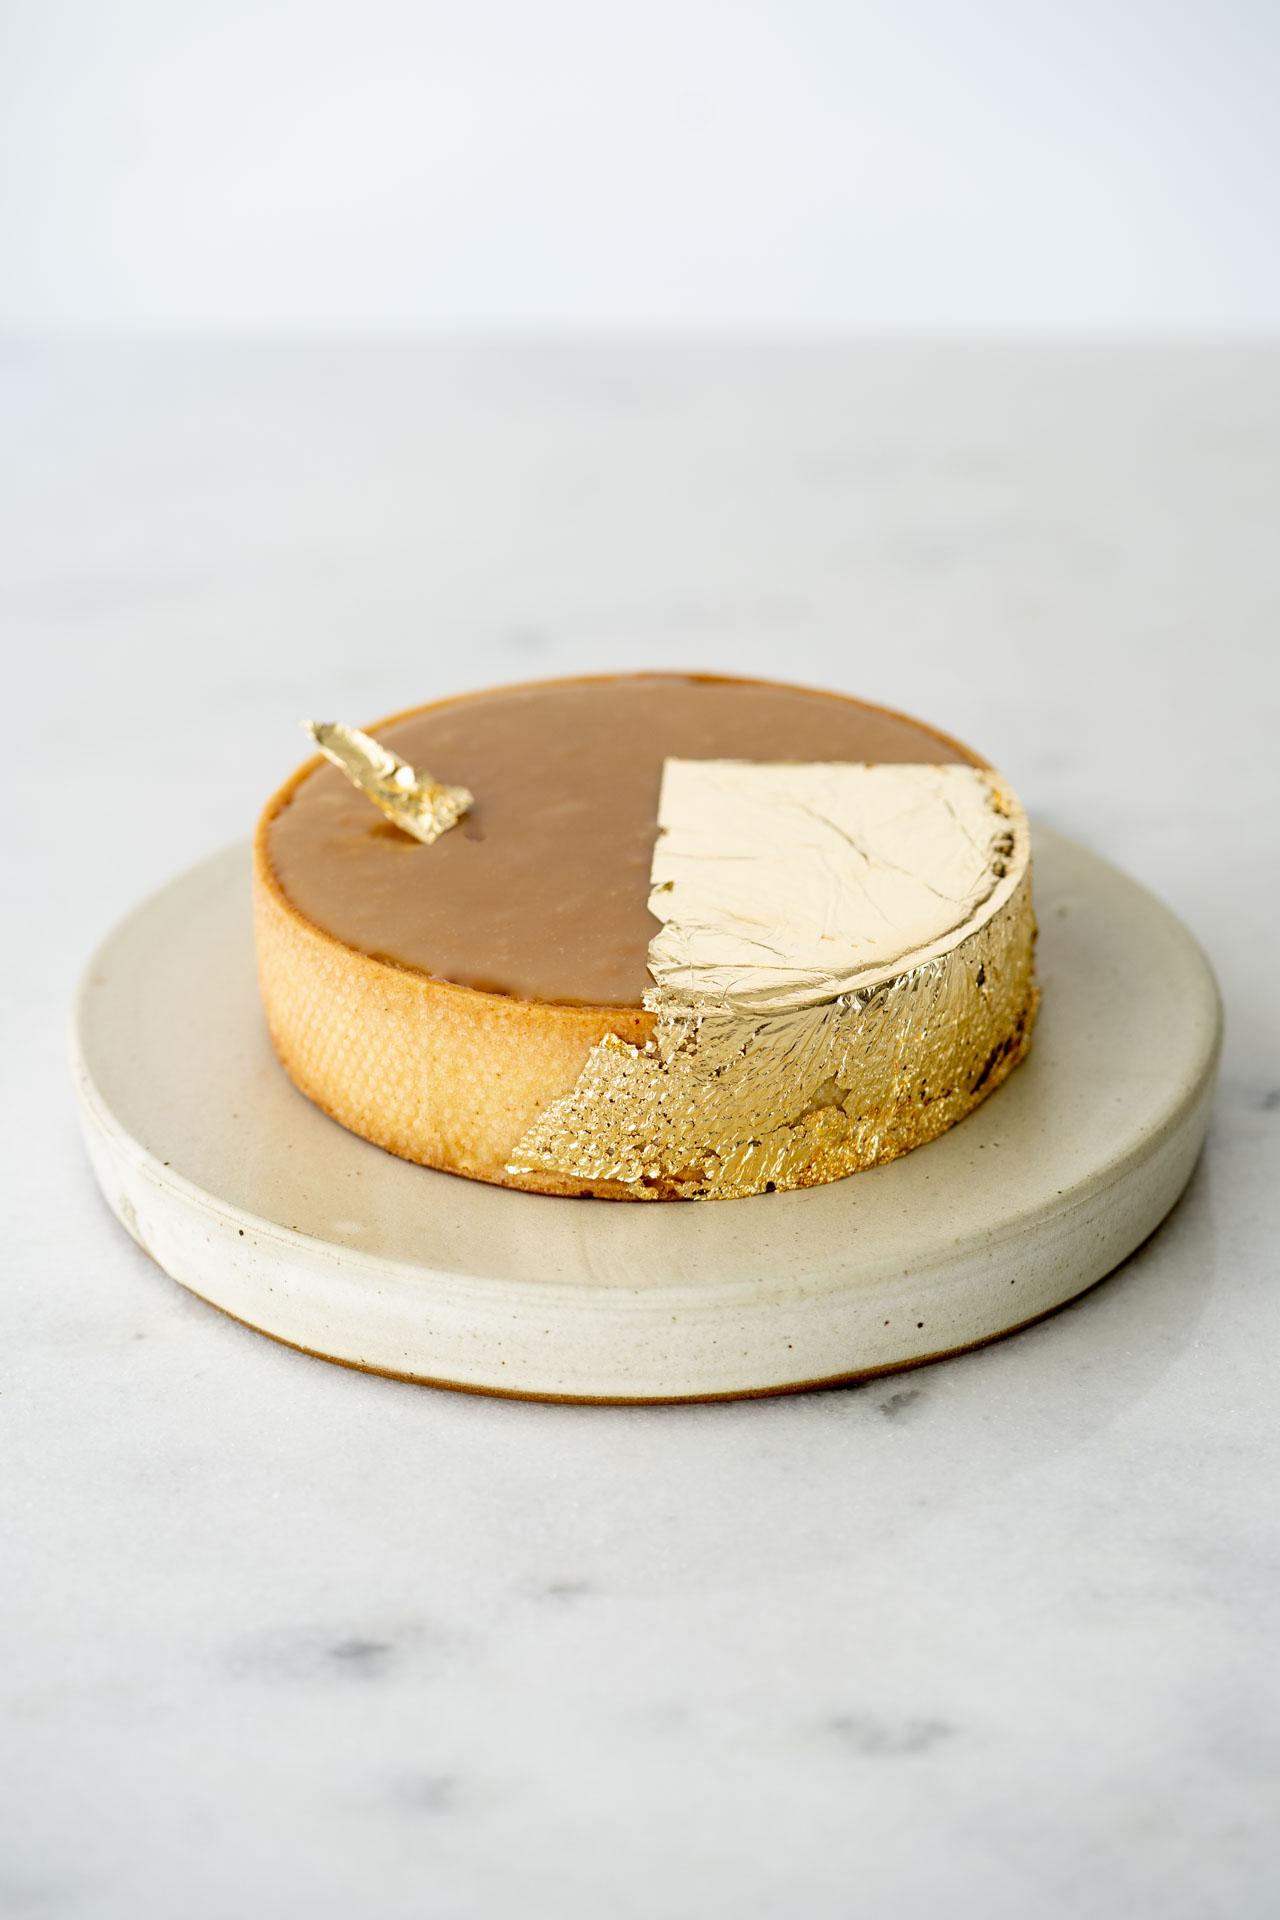 Torta de caramelo com amendoim